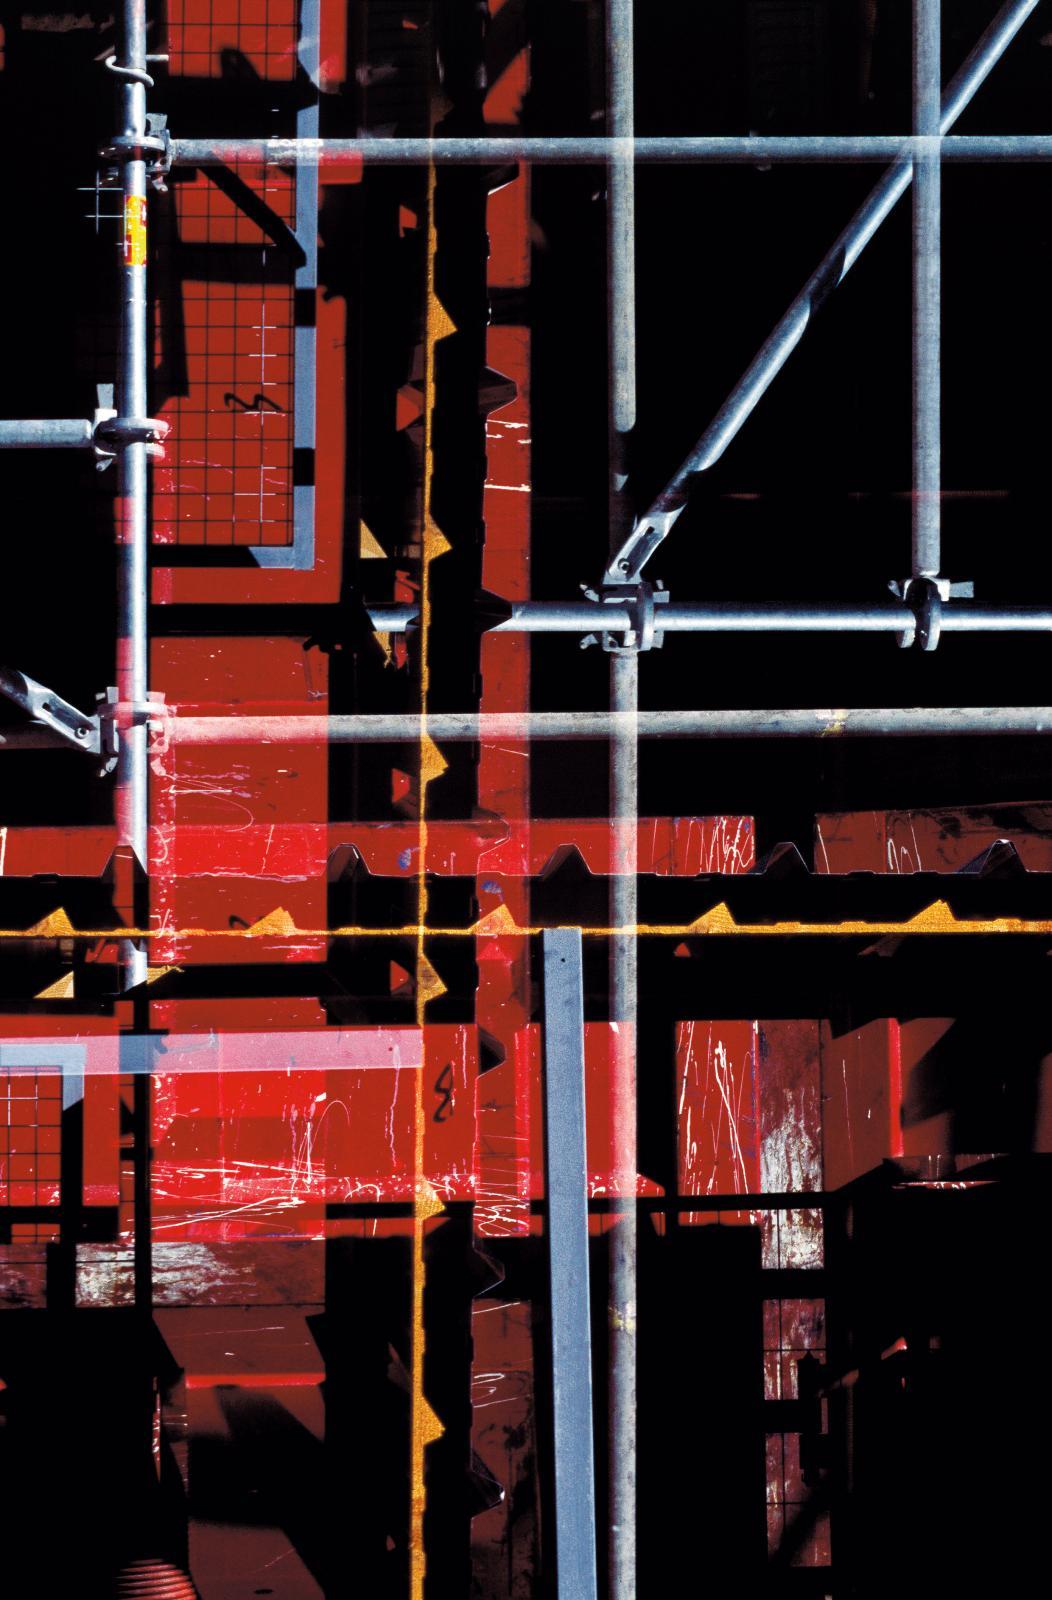 Olivier Dassault, Armatures2, mars2014, chantier parisien, tirage argentique sur papier baryté, édition 1/10.